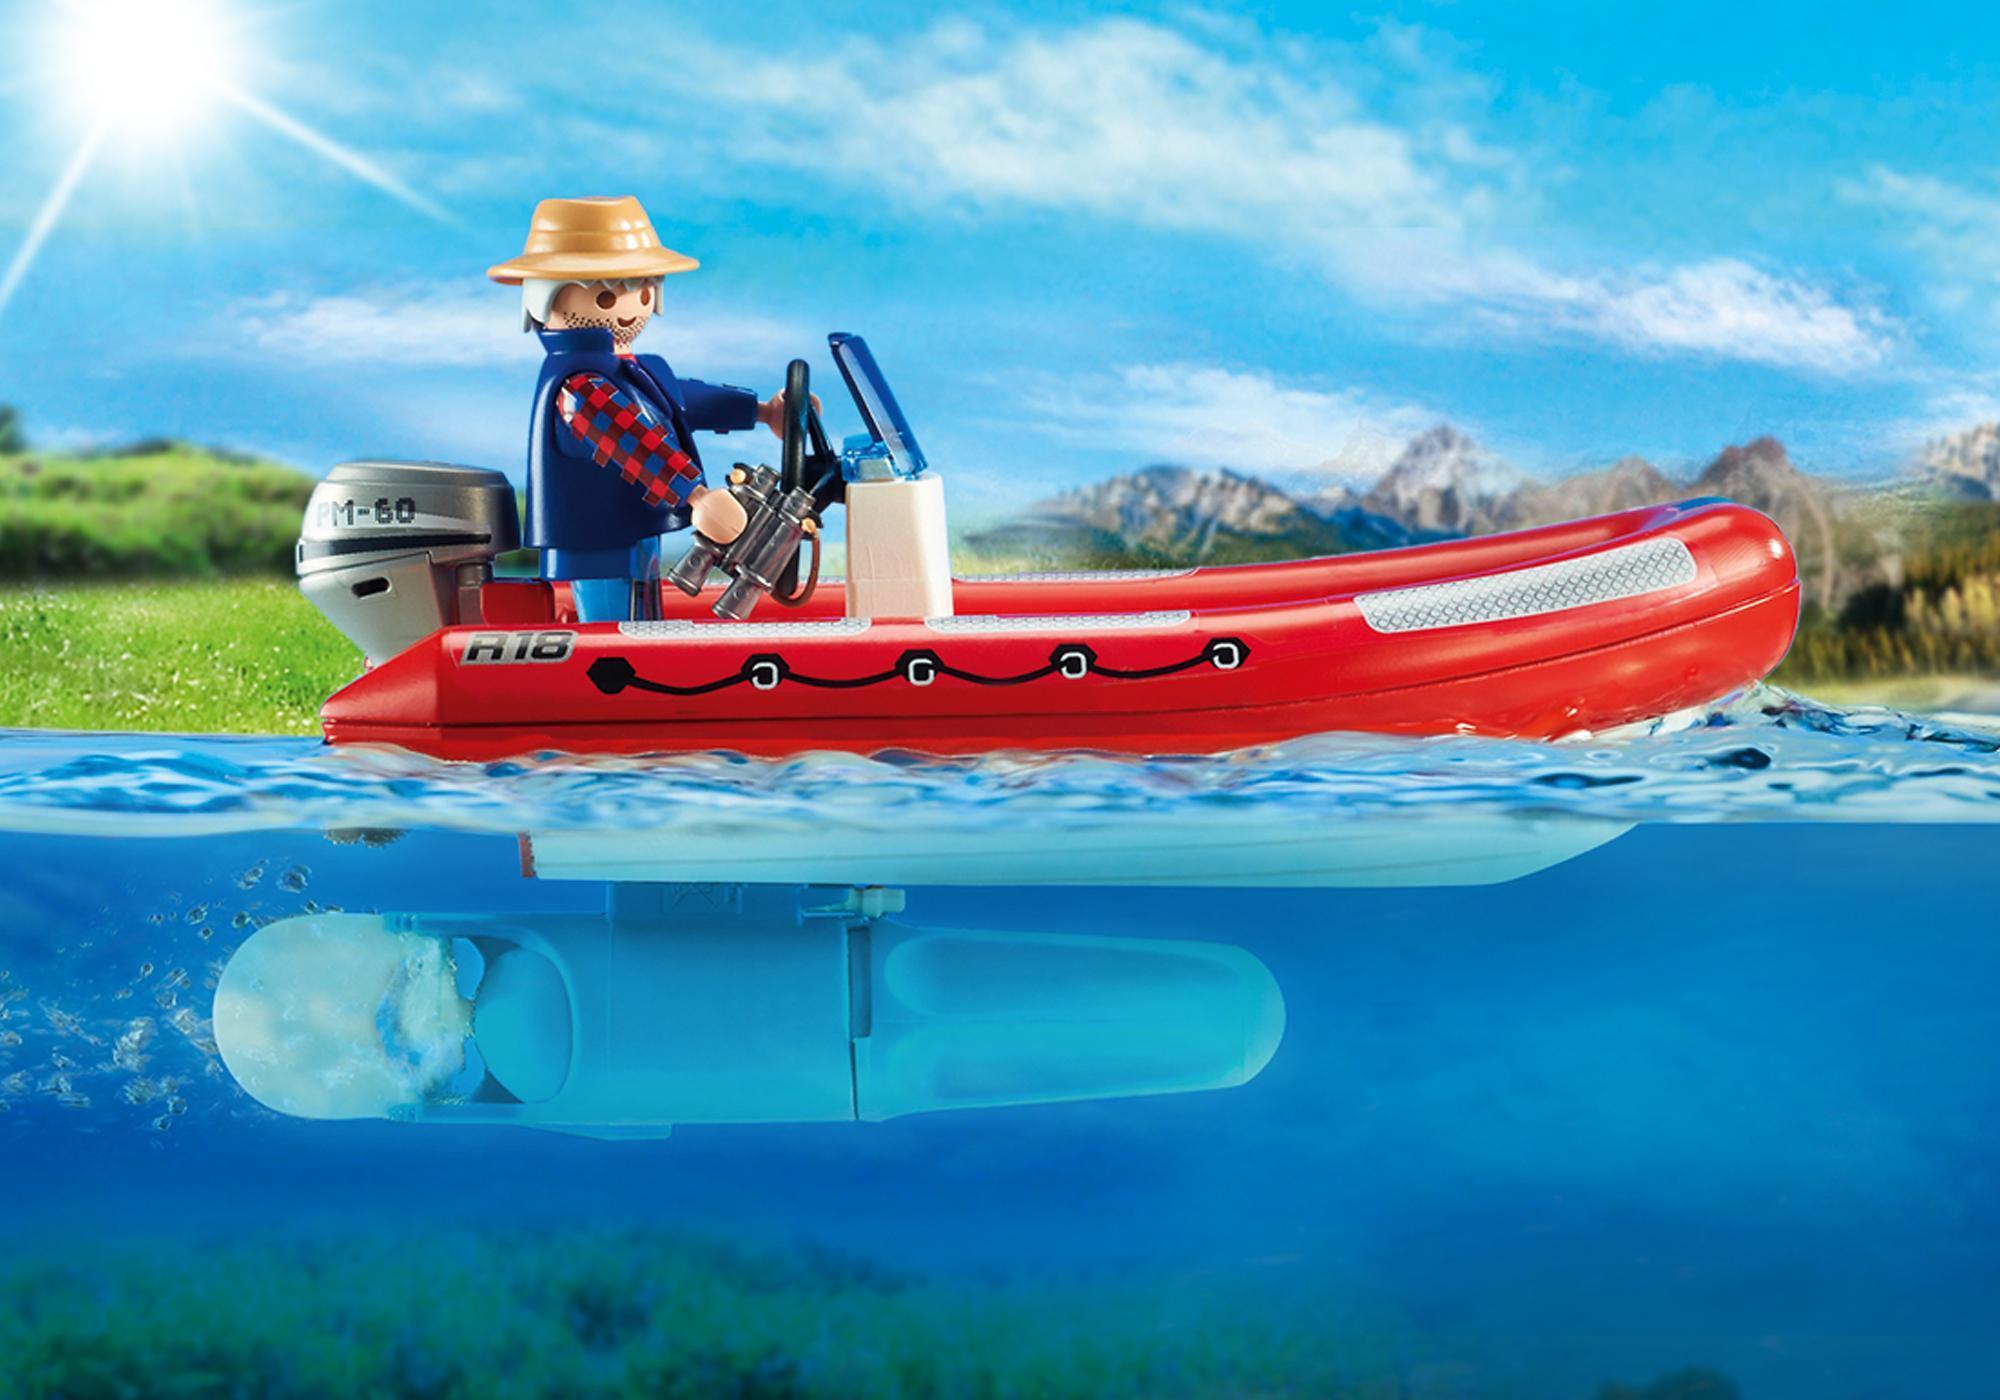 http://media.playmobil.com/i/playmobil/5559_product_extra1/Gummibåt med tjuvfiskare